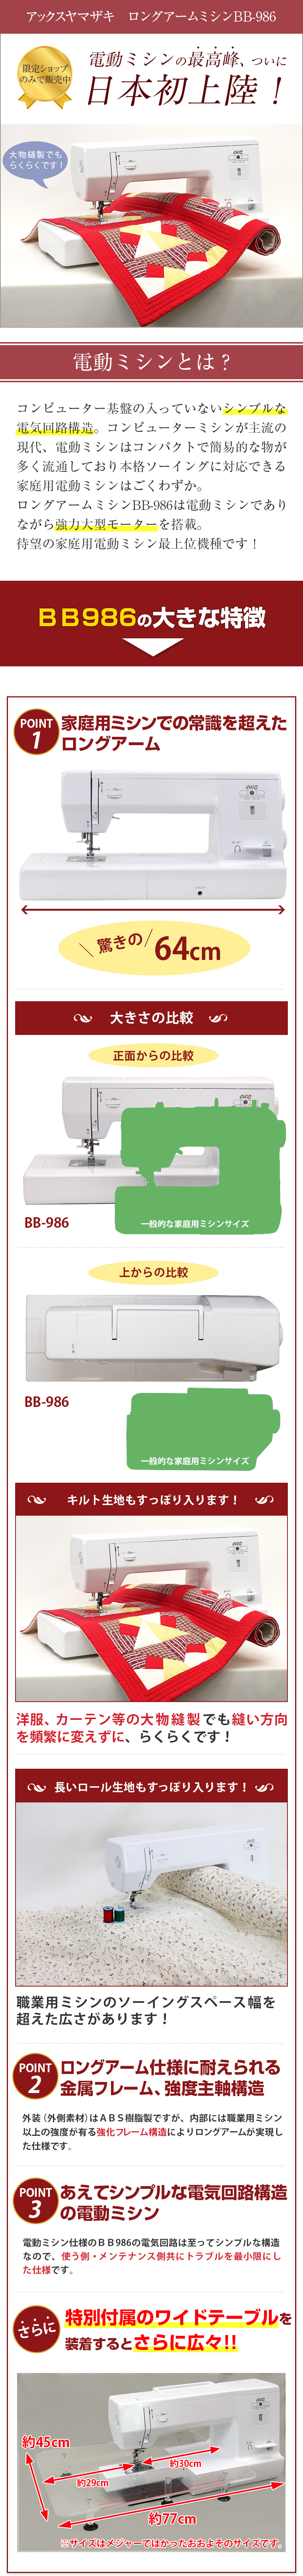 アックスヤマザキ ロングアームミシンBB-986 電動ミシンの最高峰 ついに日本初上陸!限定ショップのみで販売中